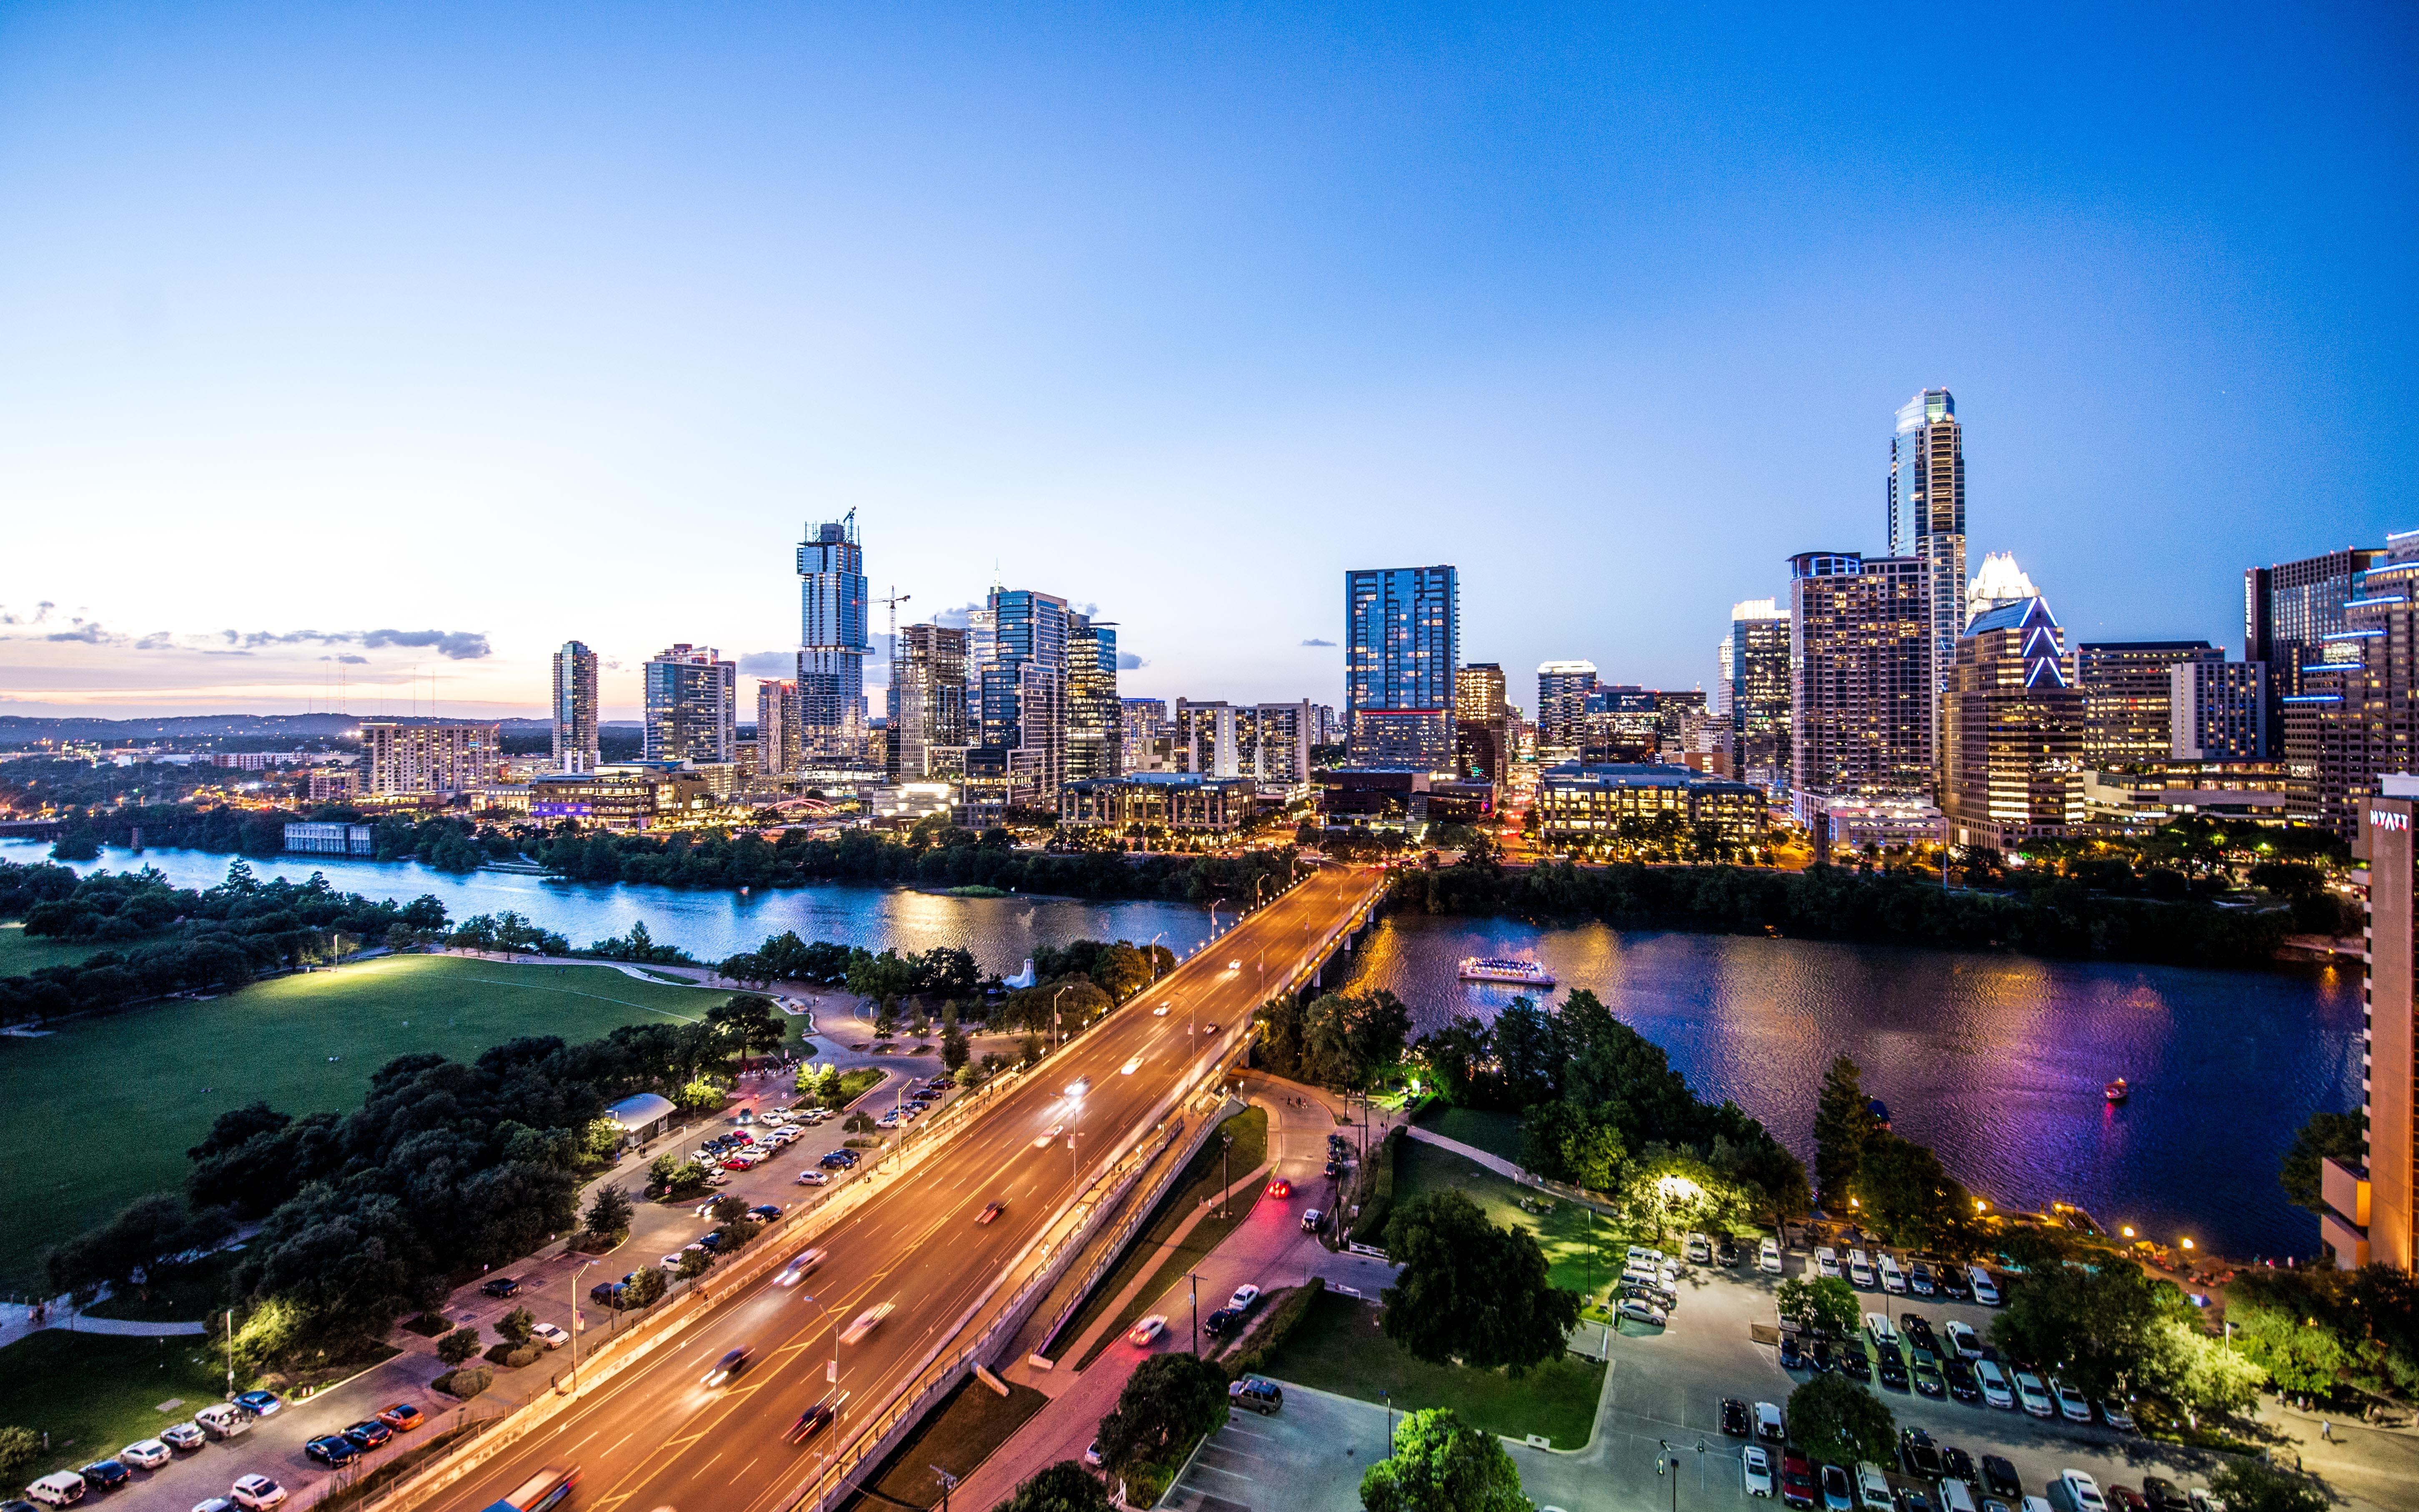 Austin skyline by night